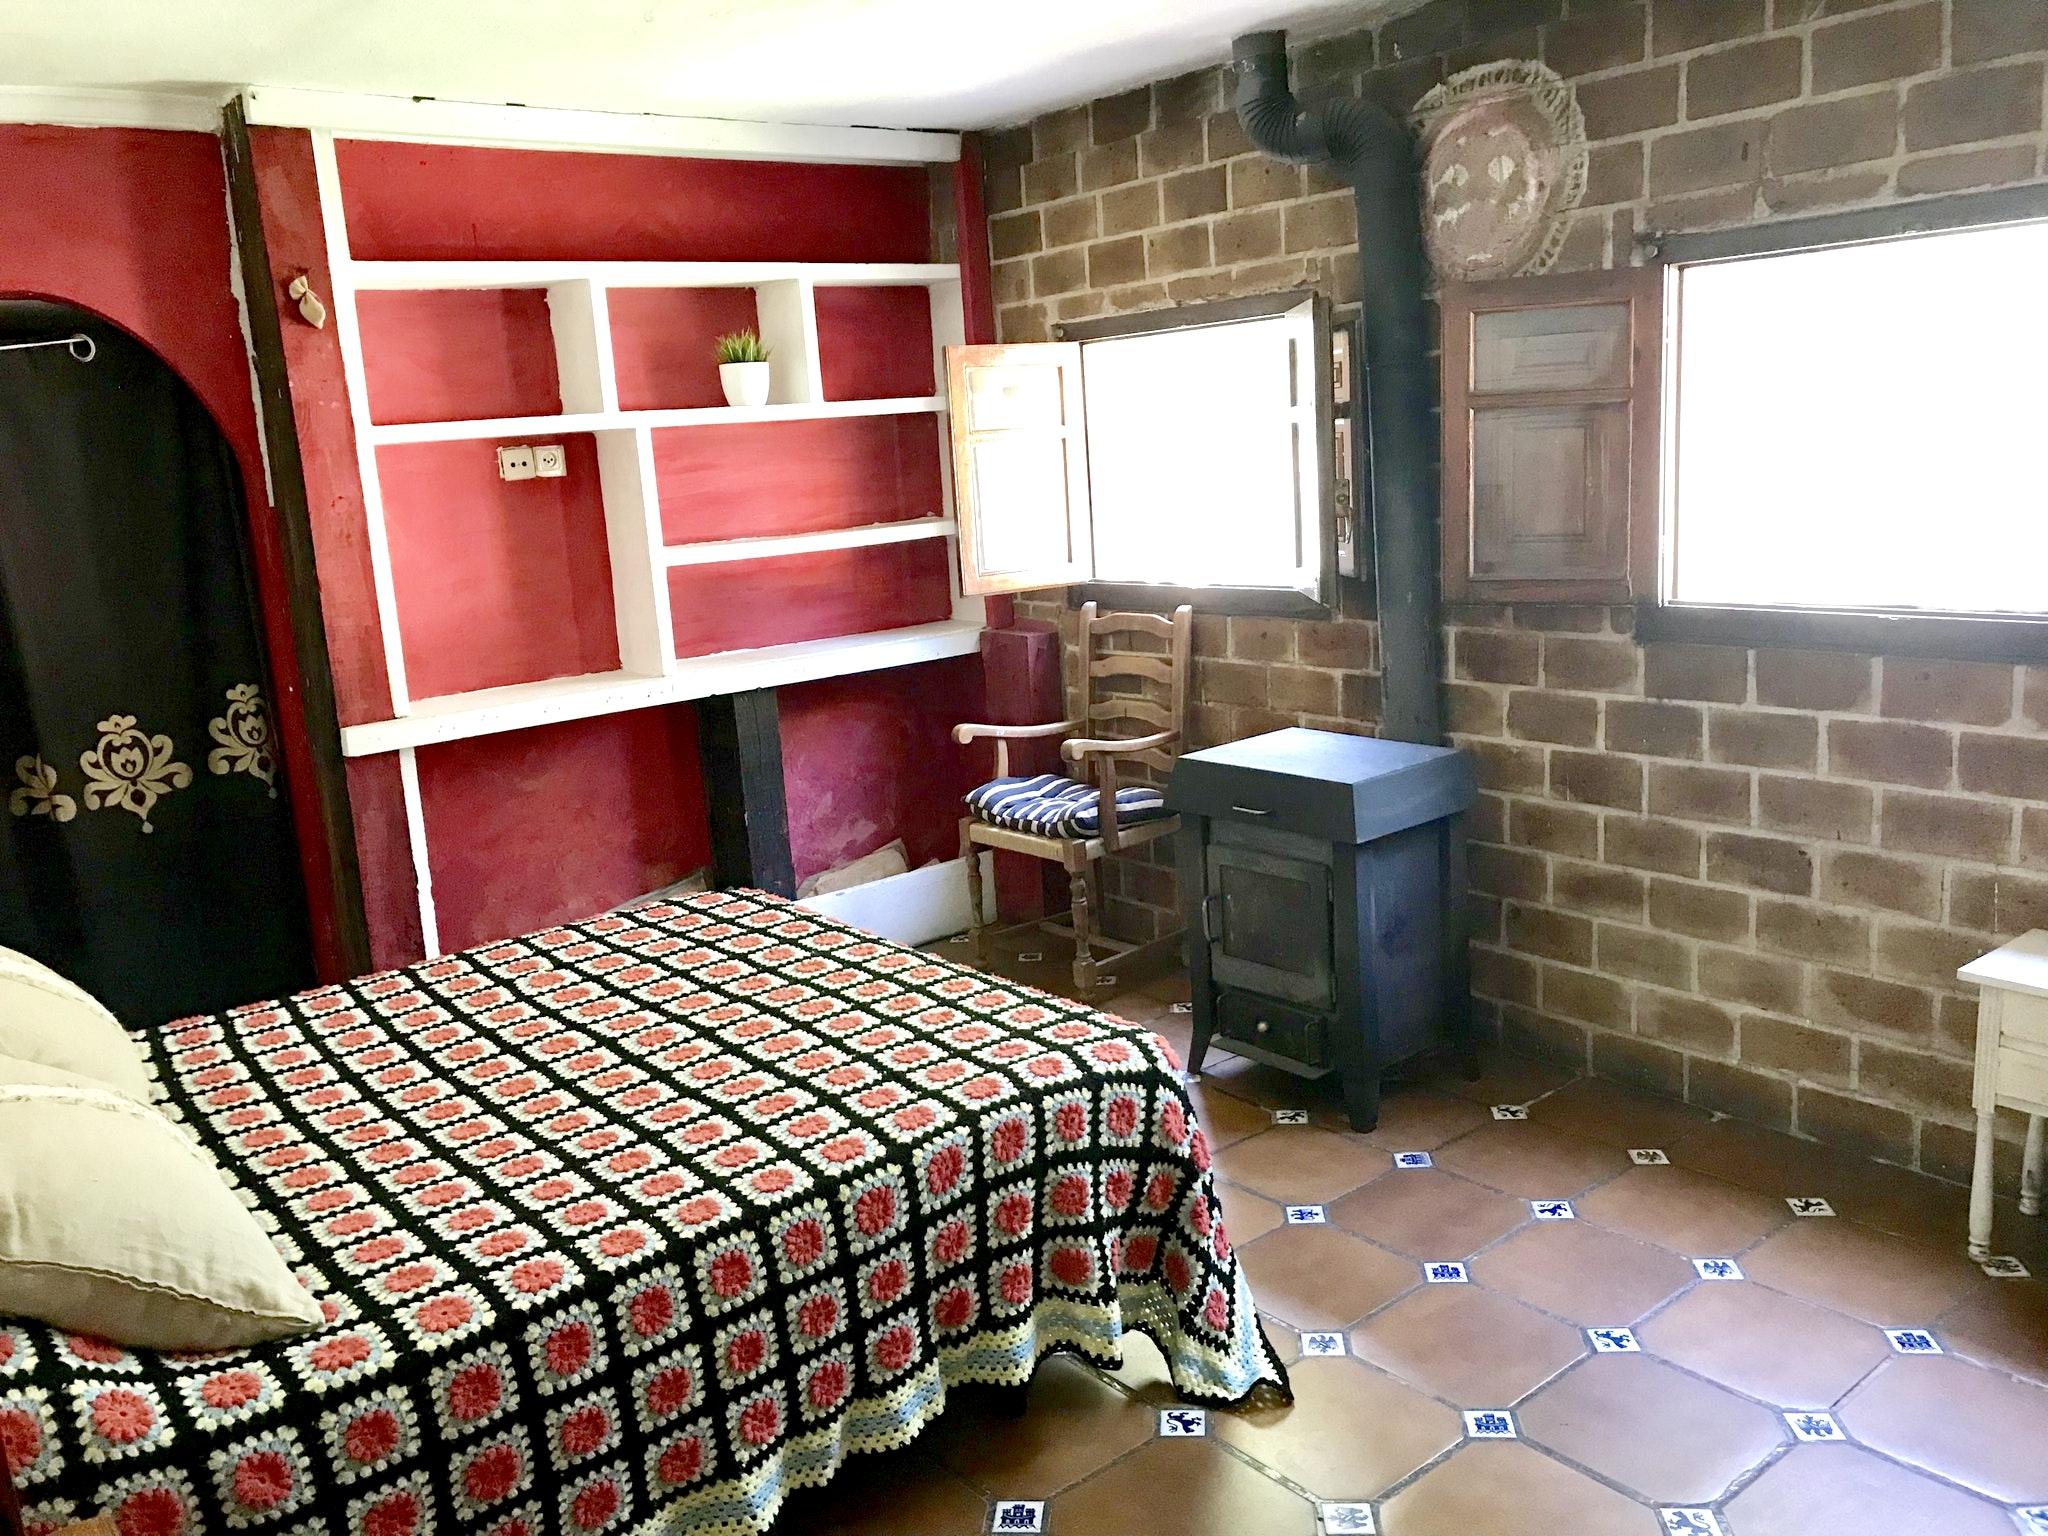 Maison de vacances Hütte mit 4 Schlafzimmern in Camarena de la Sierra mit toller Aussicht auf die Berge, priv (2474258), Camarena de la Sierra, Teruel, Aragon, Espagne, image 25